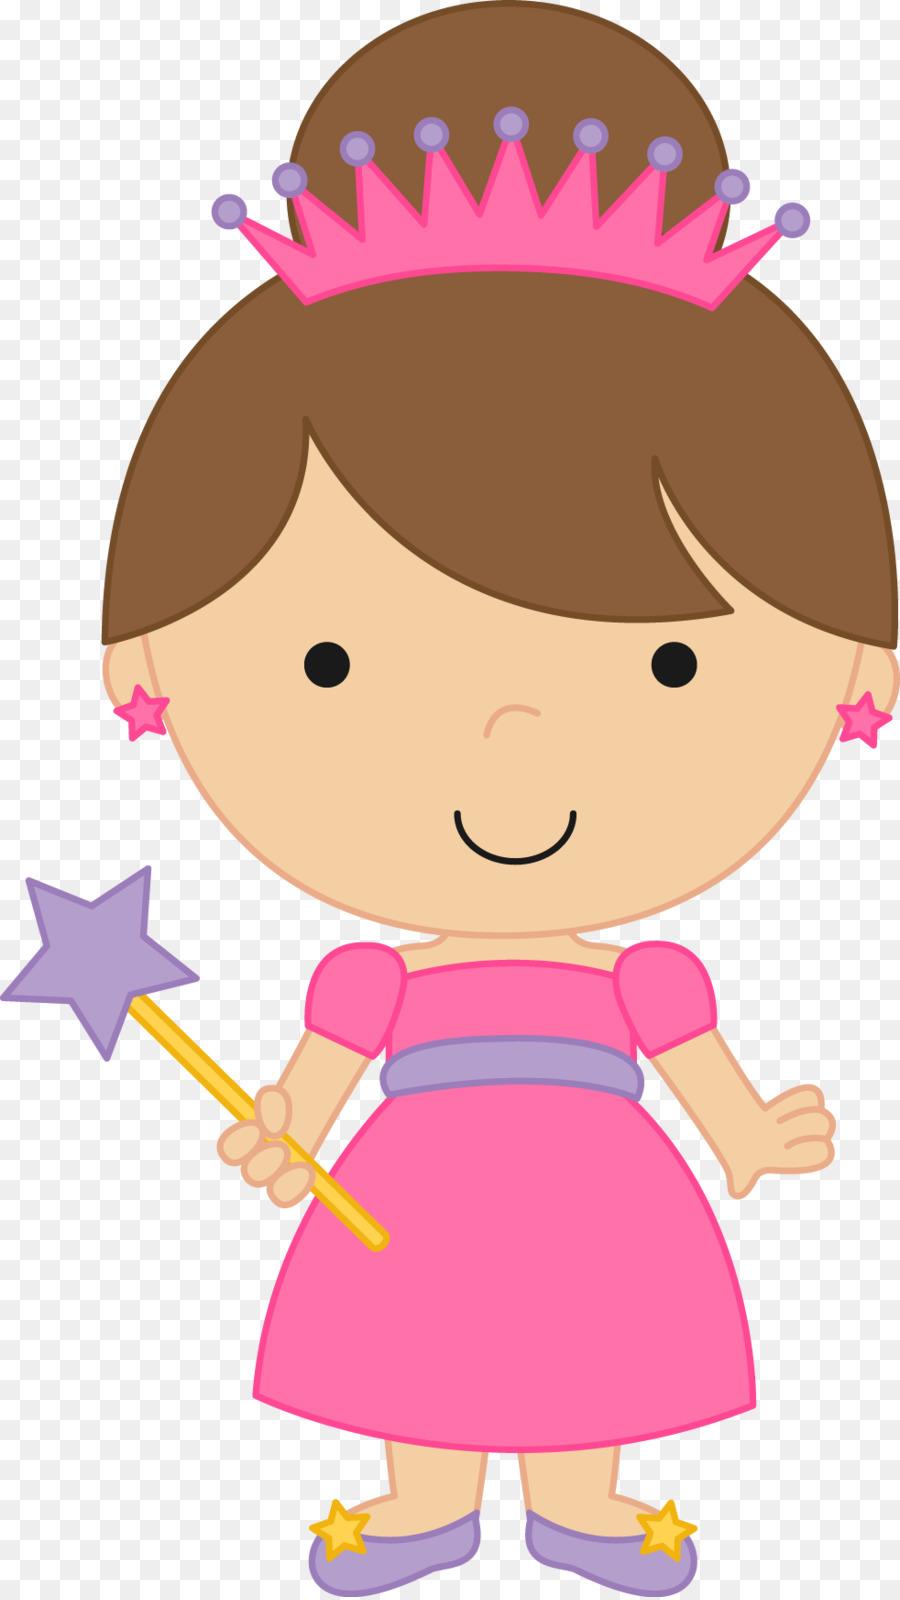 princess clip art castle princess png download 982 1742 free rh kisspng com free pink princess castle clipart princess tiana clipart free